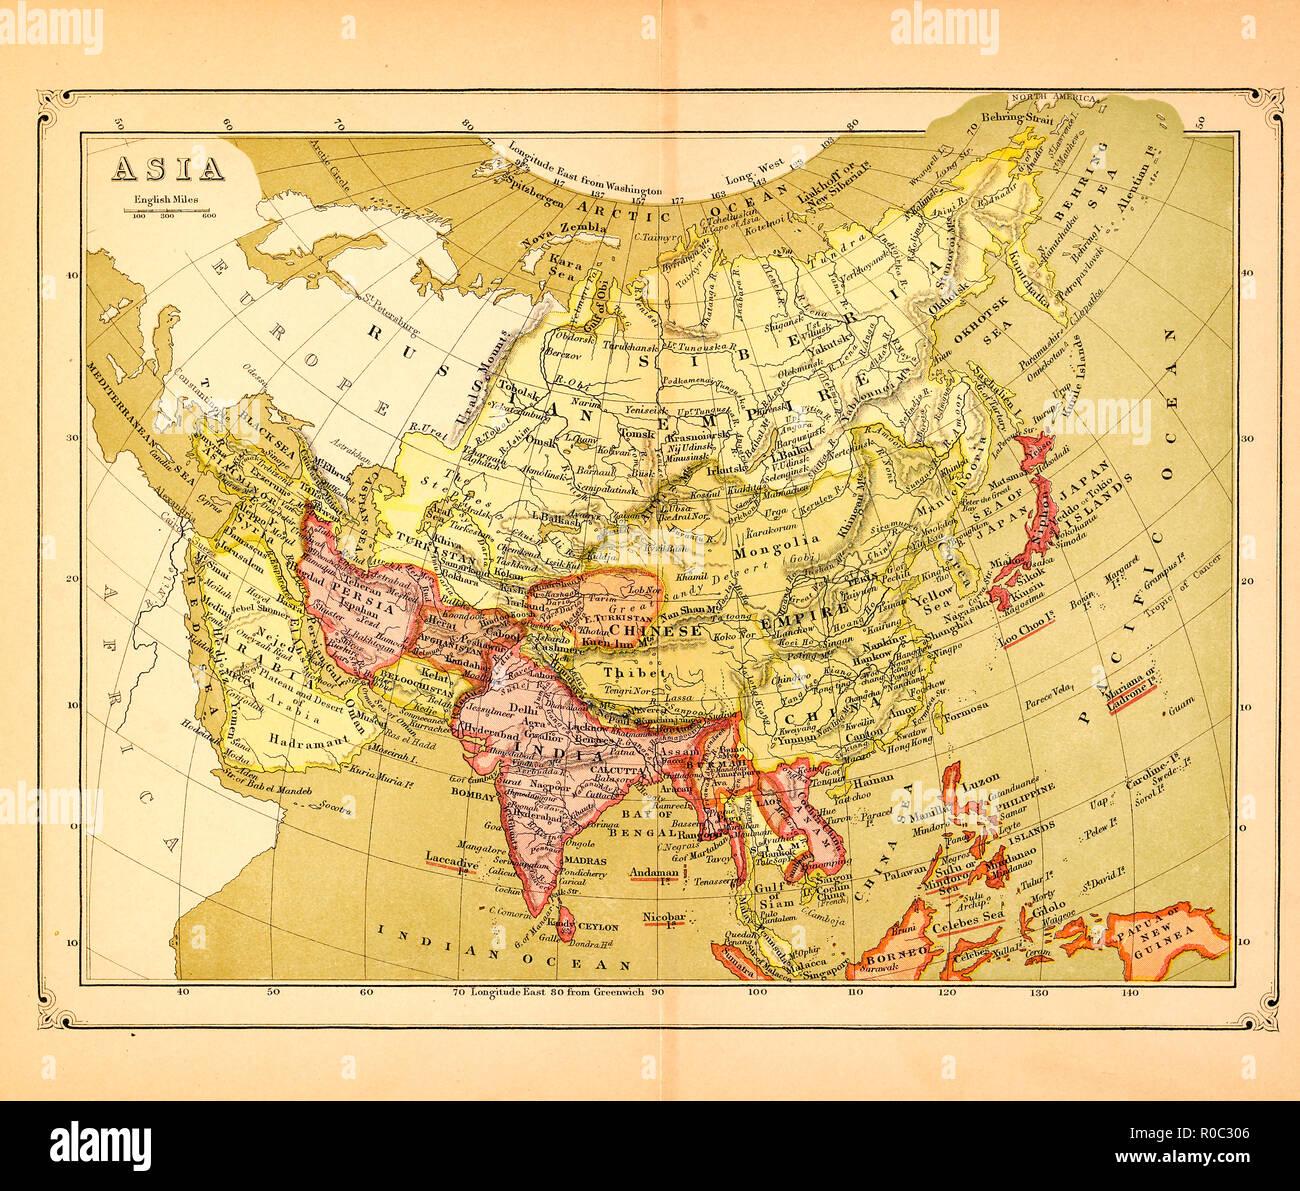 Carte De Linde En 1900.Carte De L Asie Au Debut Des Annees 1900 Banque D Images